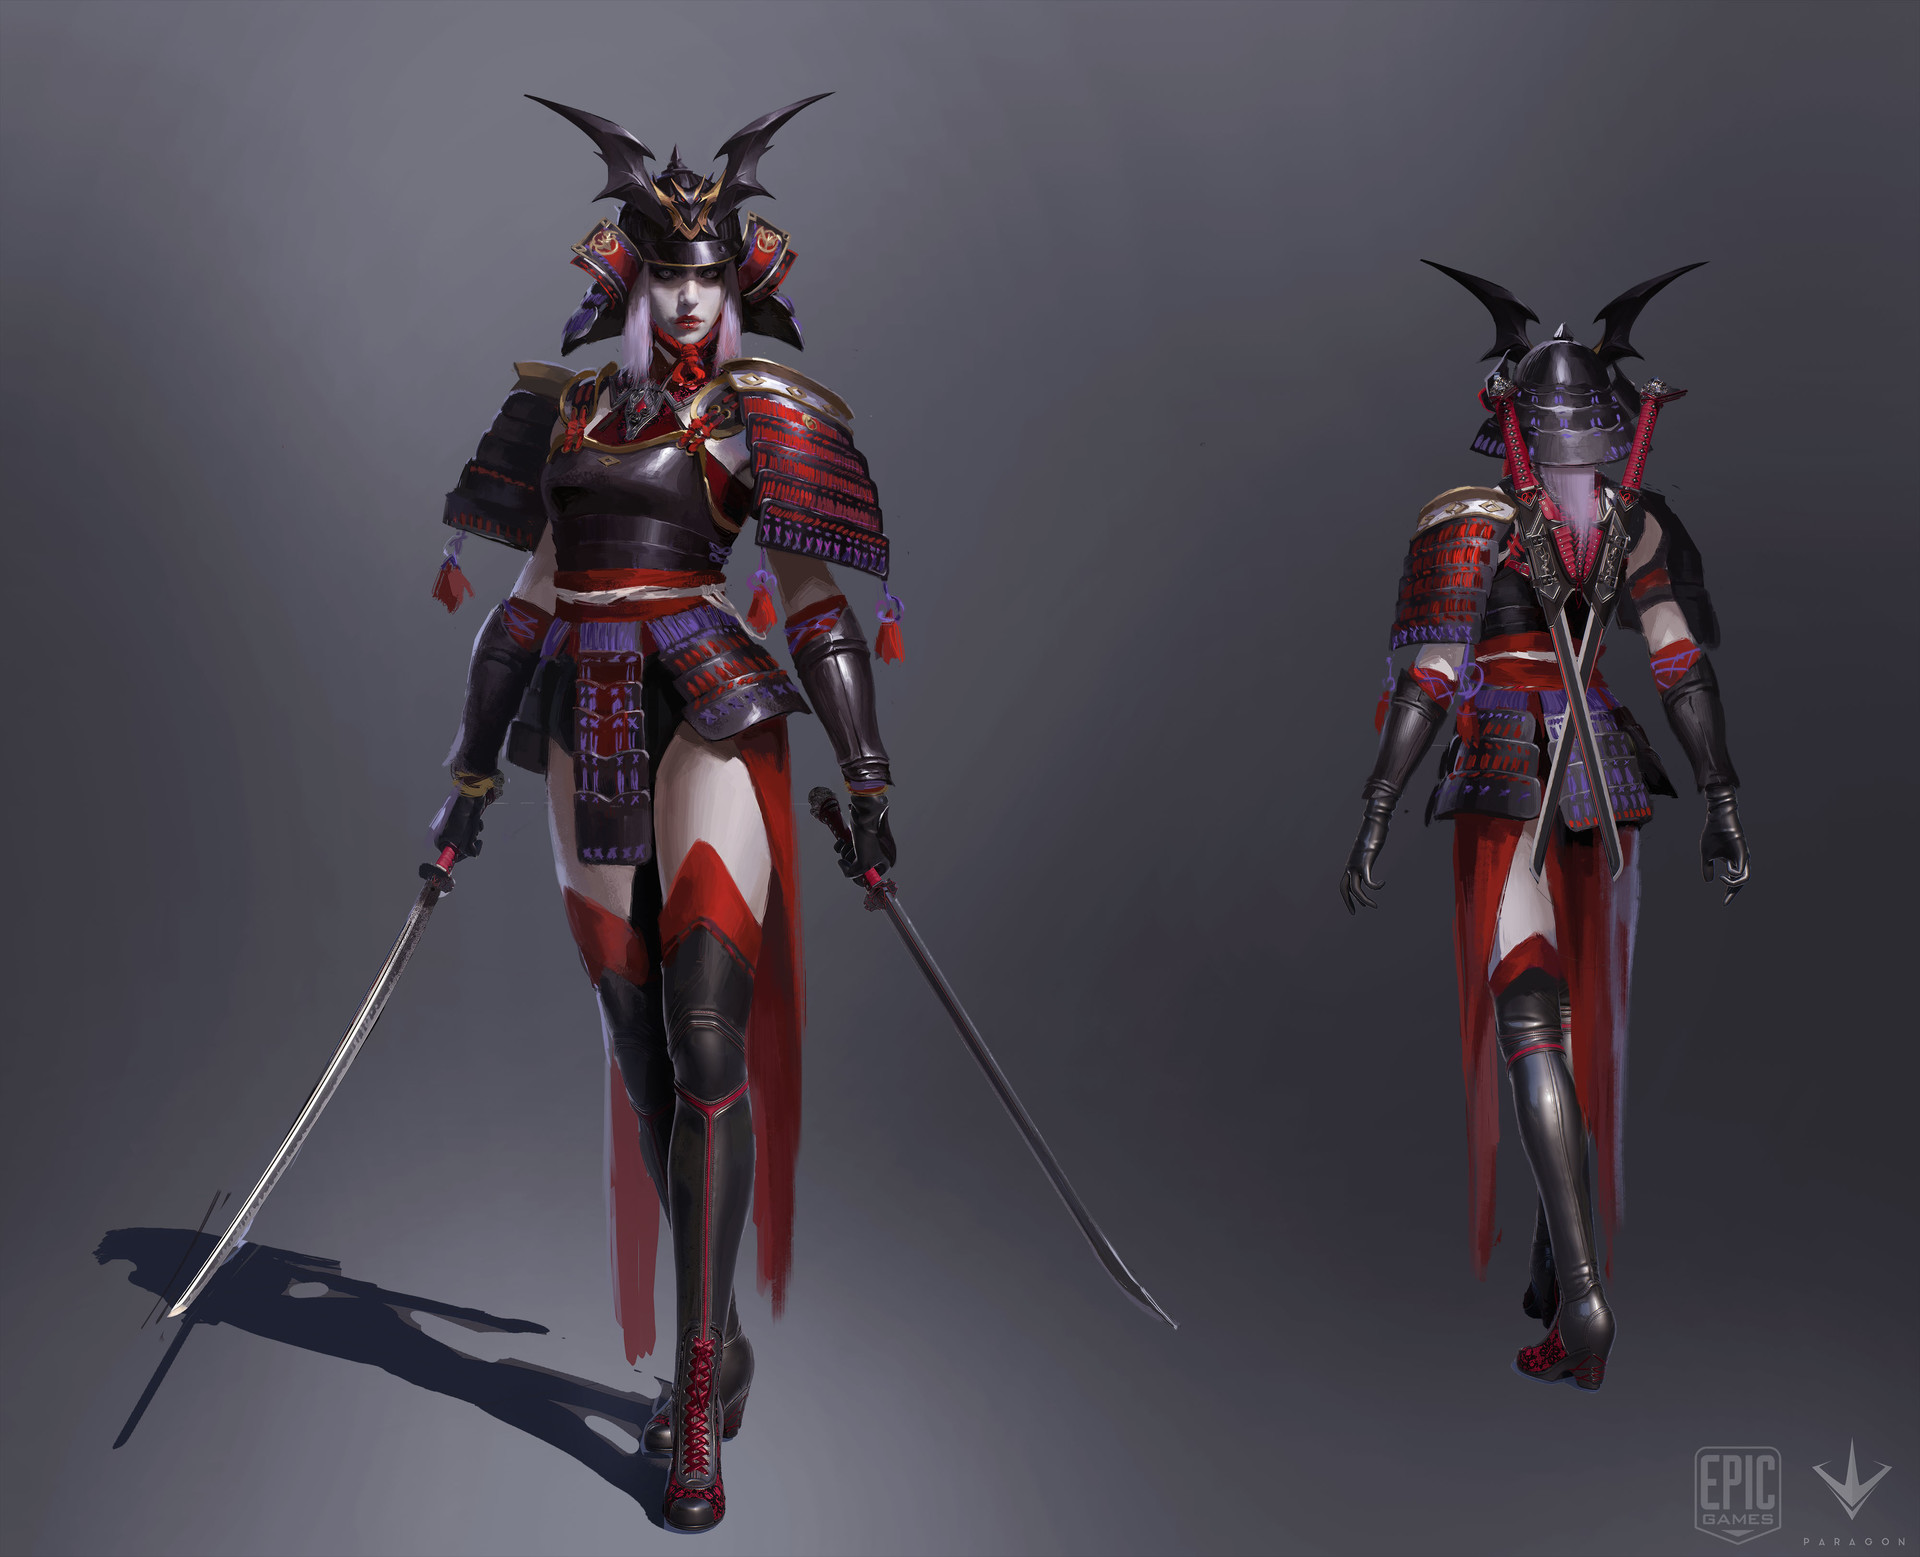 18.Countess samurai